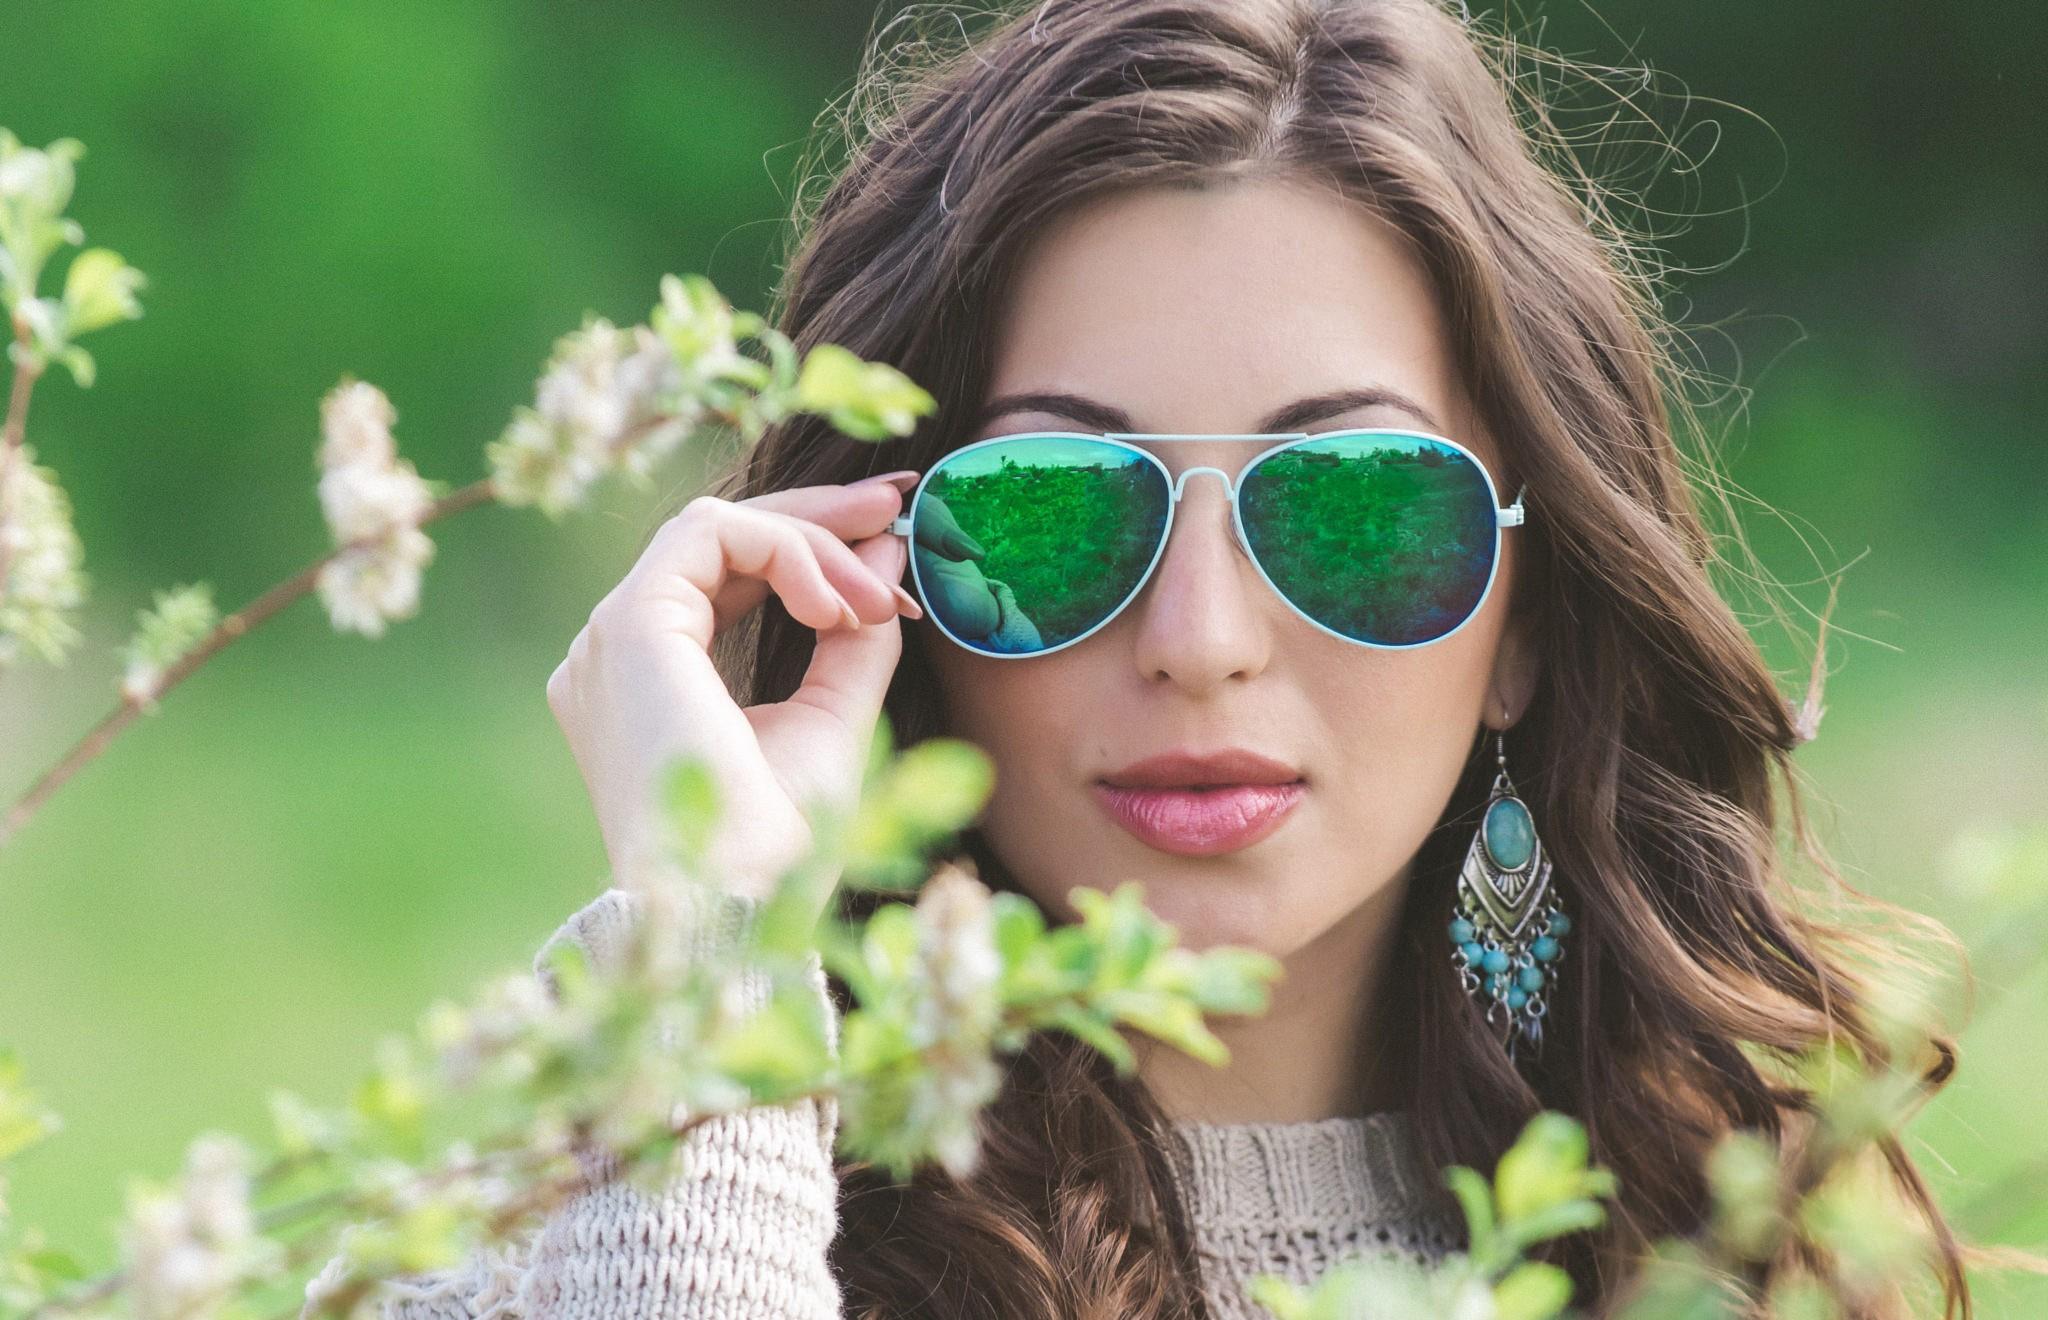 Картинки девушек в очках от солнца